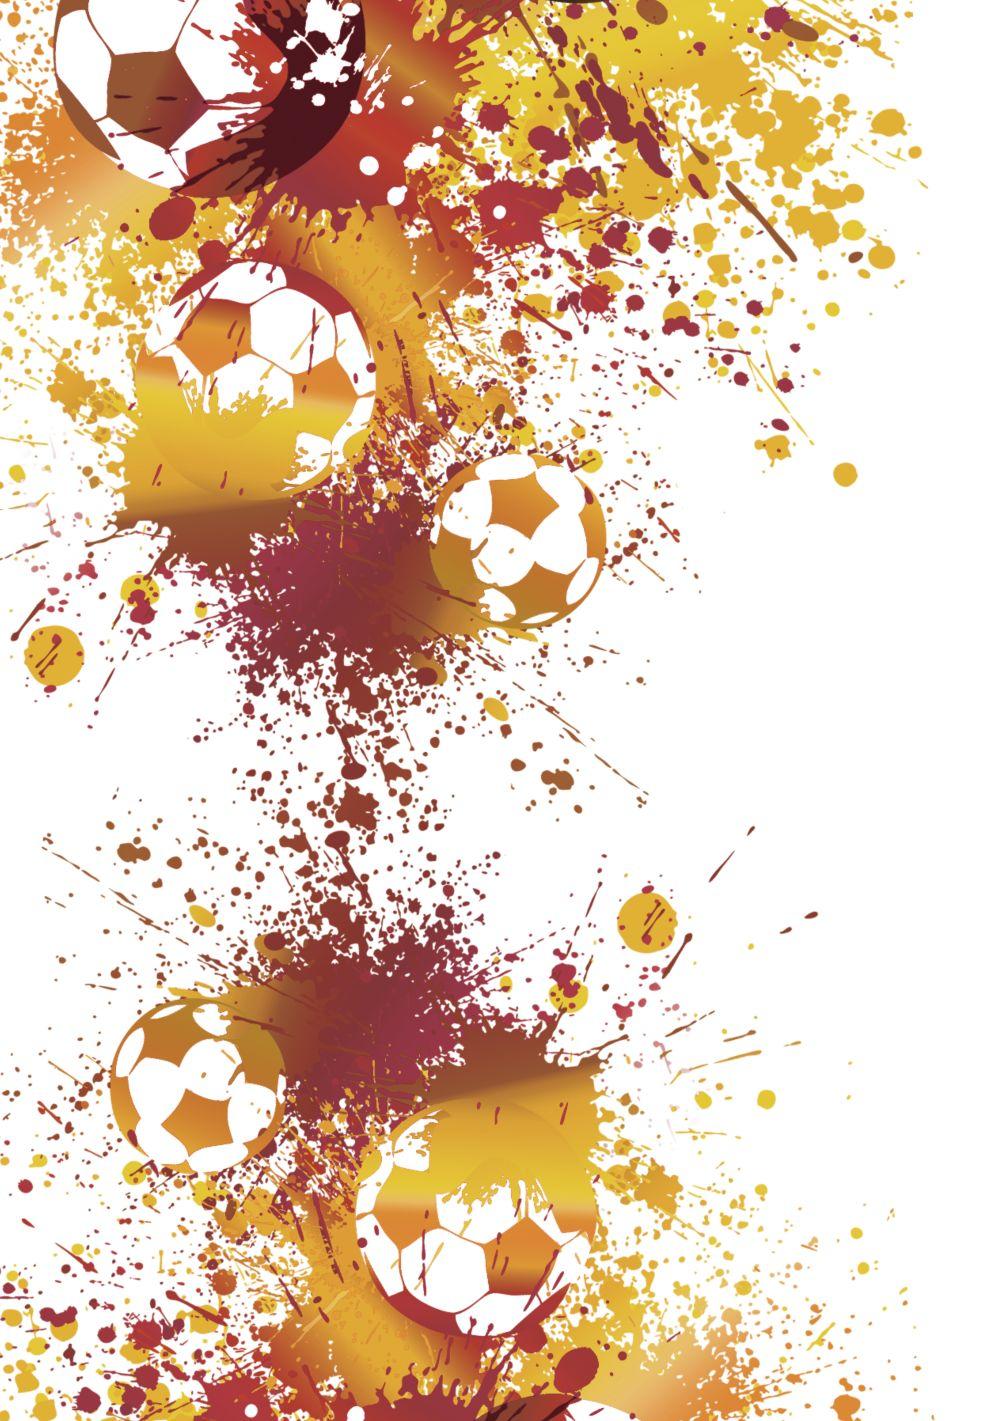 Ansicht 4 - Karte zum Geburtstag Fußballspiel